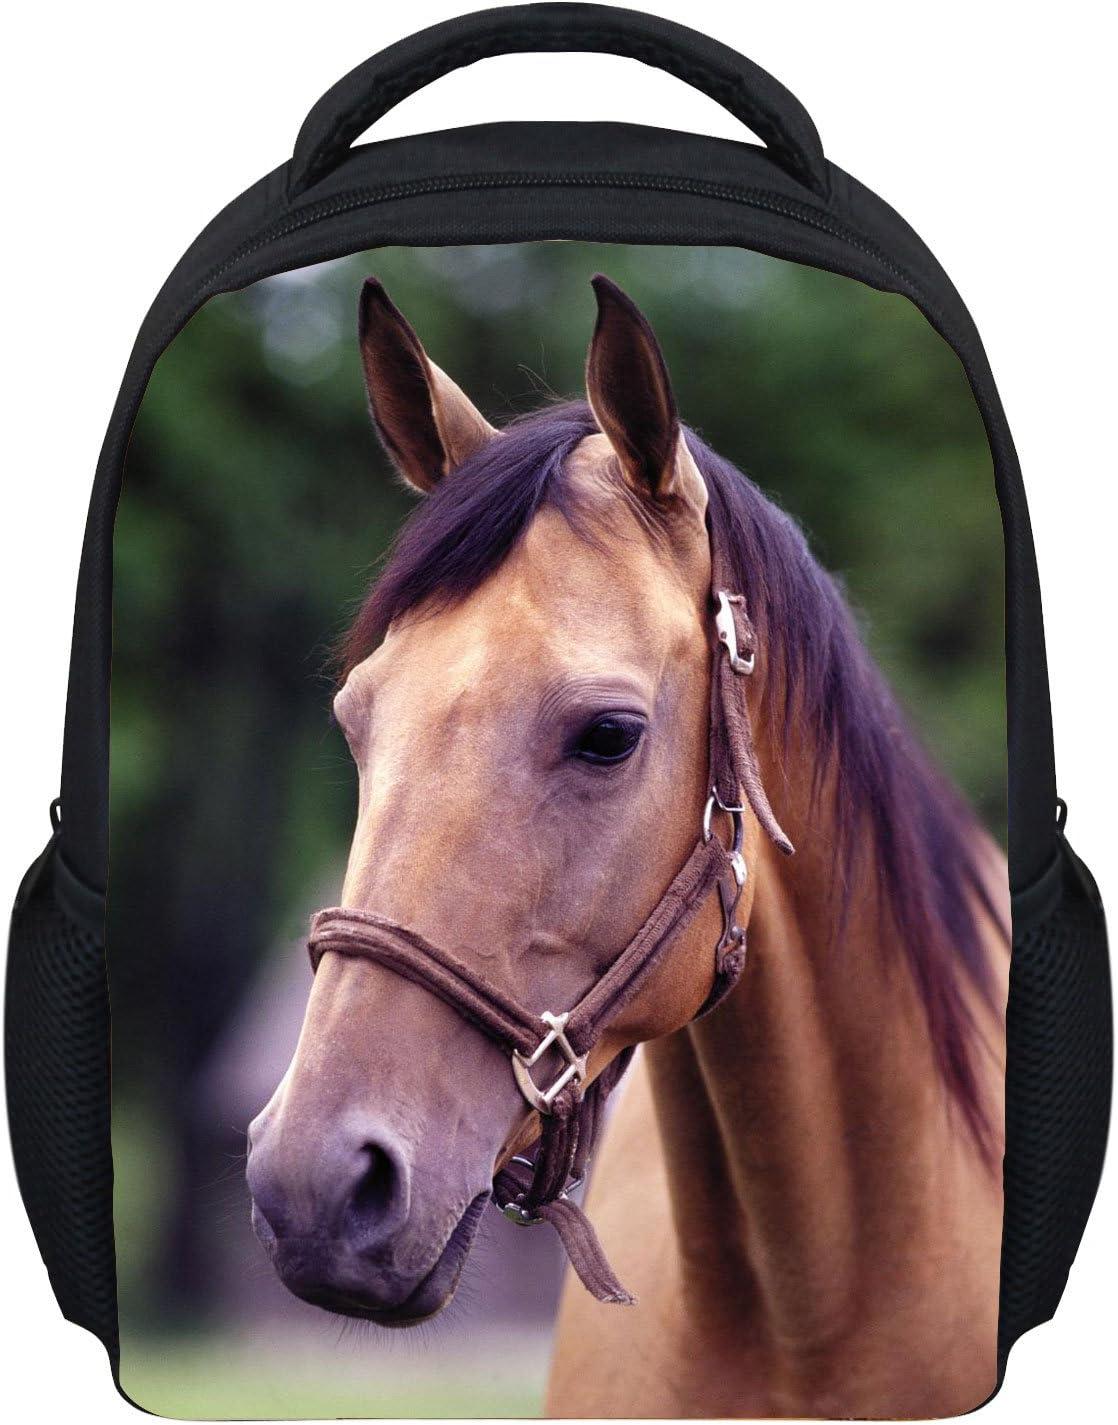 Mochila infantil Gopumchy, mochila para niños, mochila de caballo, mochila de guardería, mochila para la escuela, para niños S008 talla única